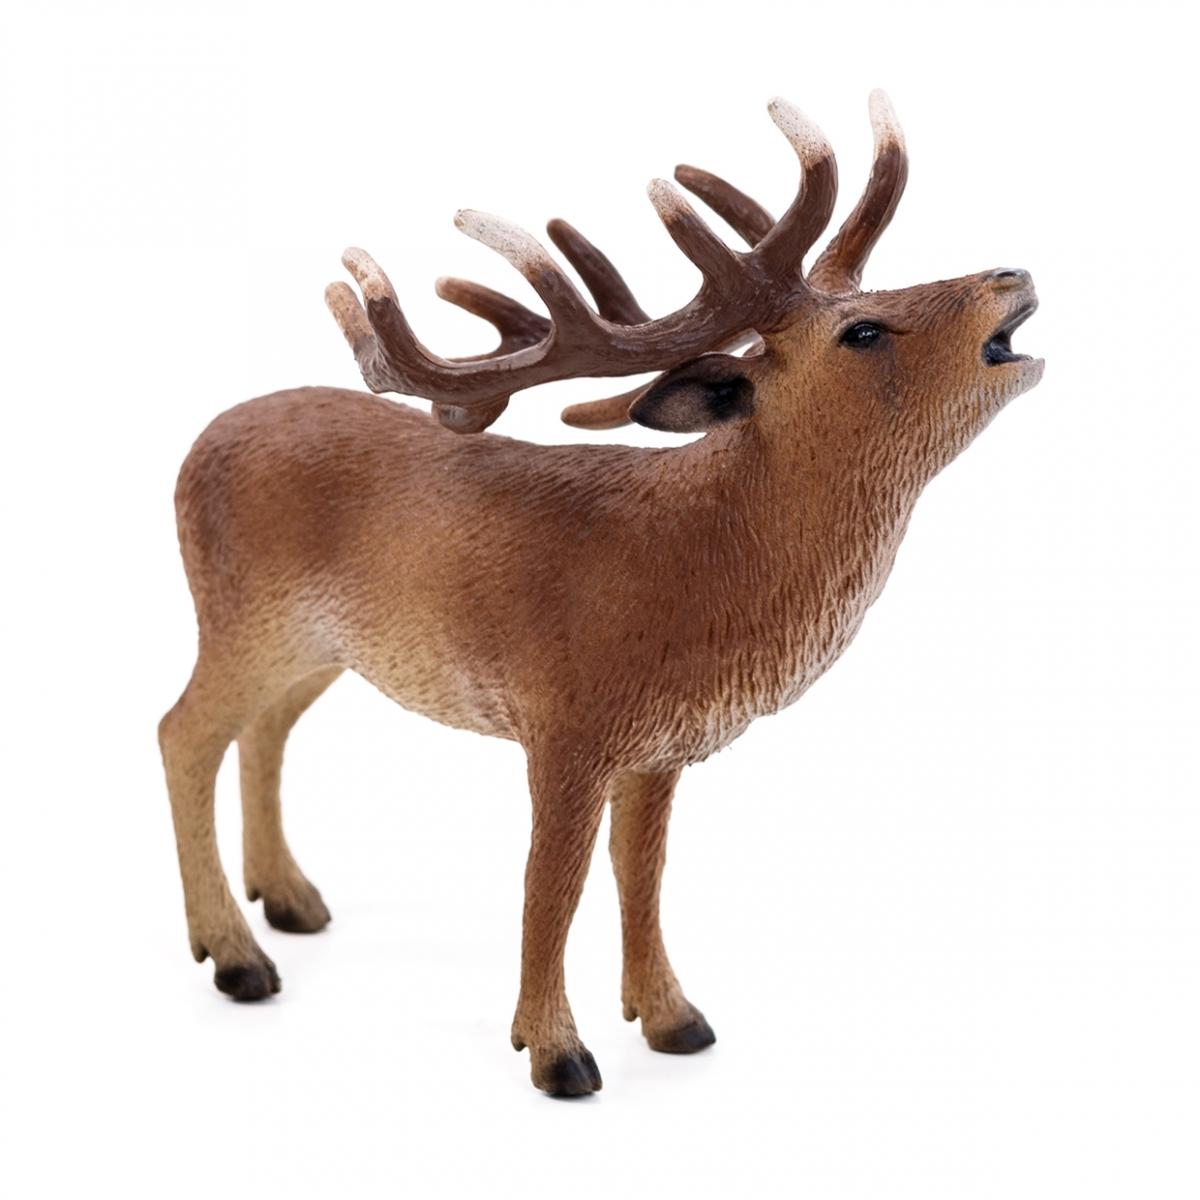 Imagen en la que se ve un ciervo